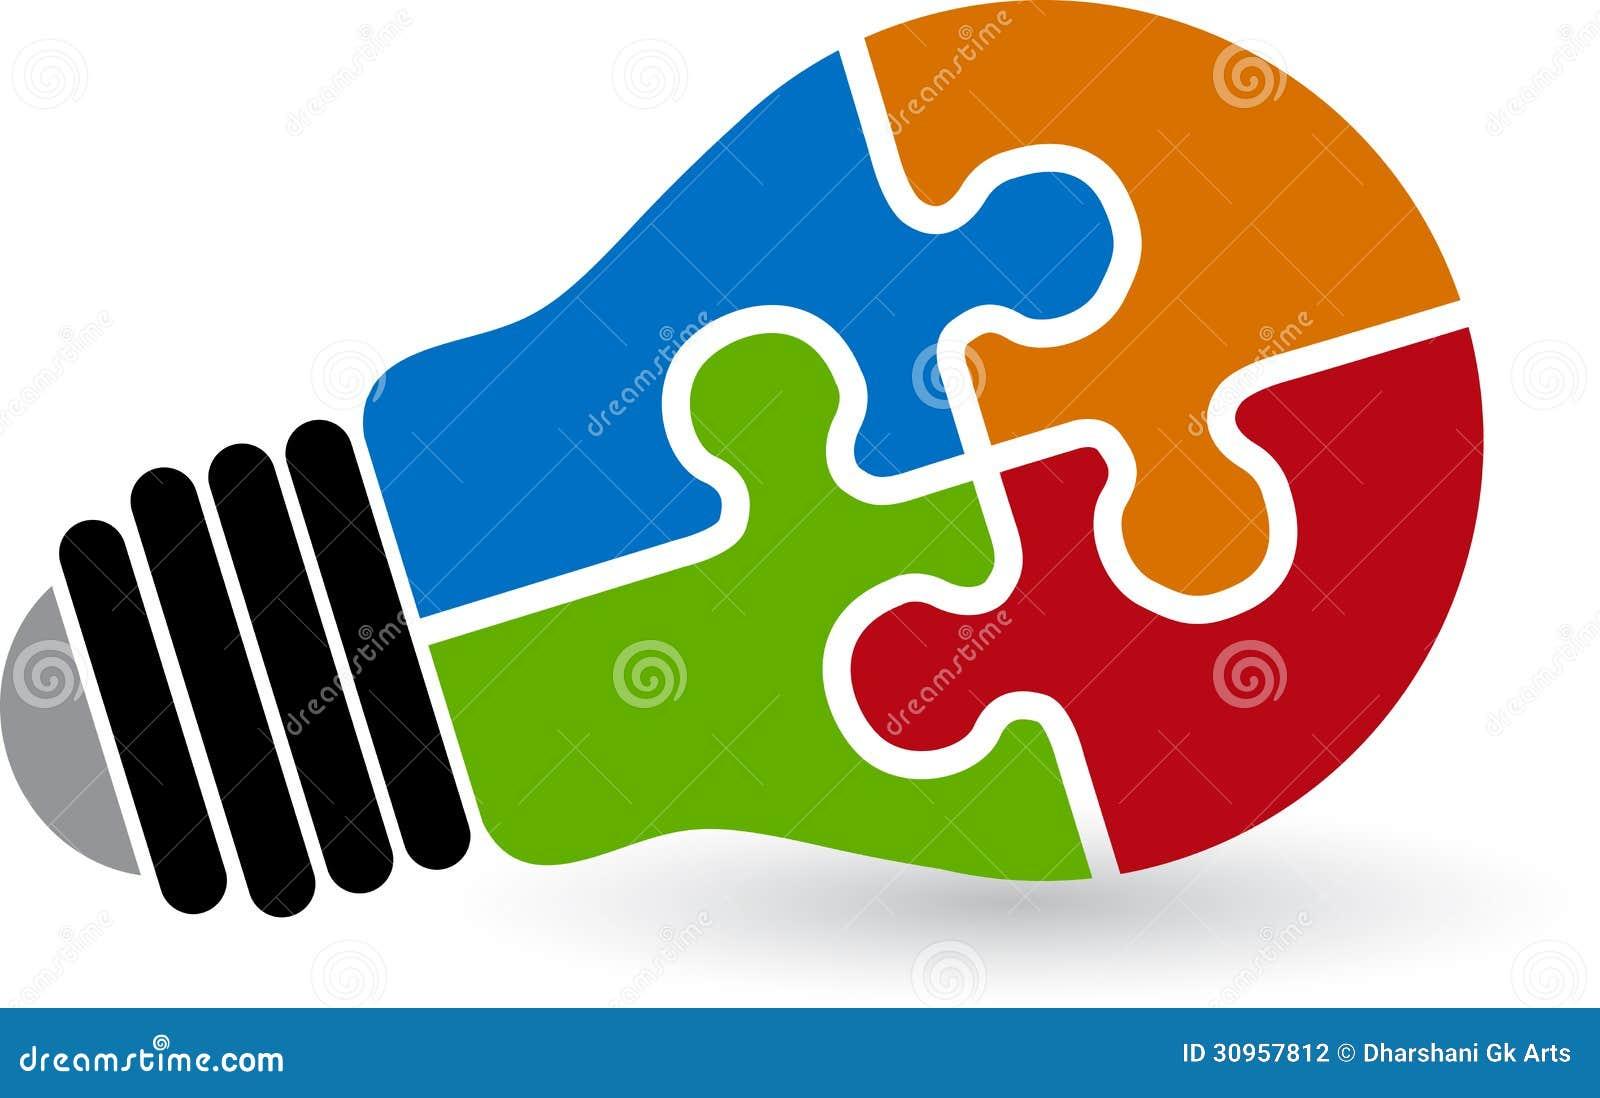 Logo di puzzle della lampada fotografia stock immagine - Collegamento stampabile un puzzle pix ...